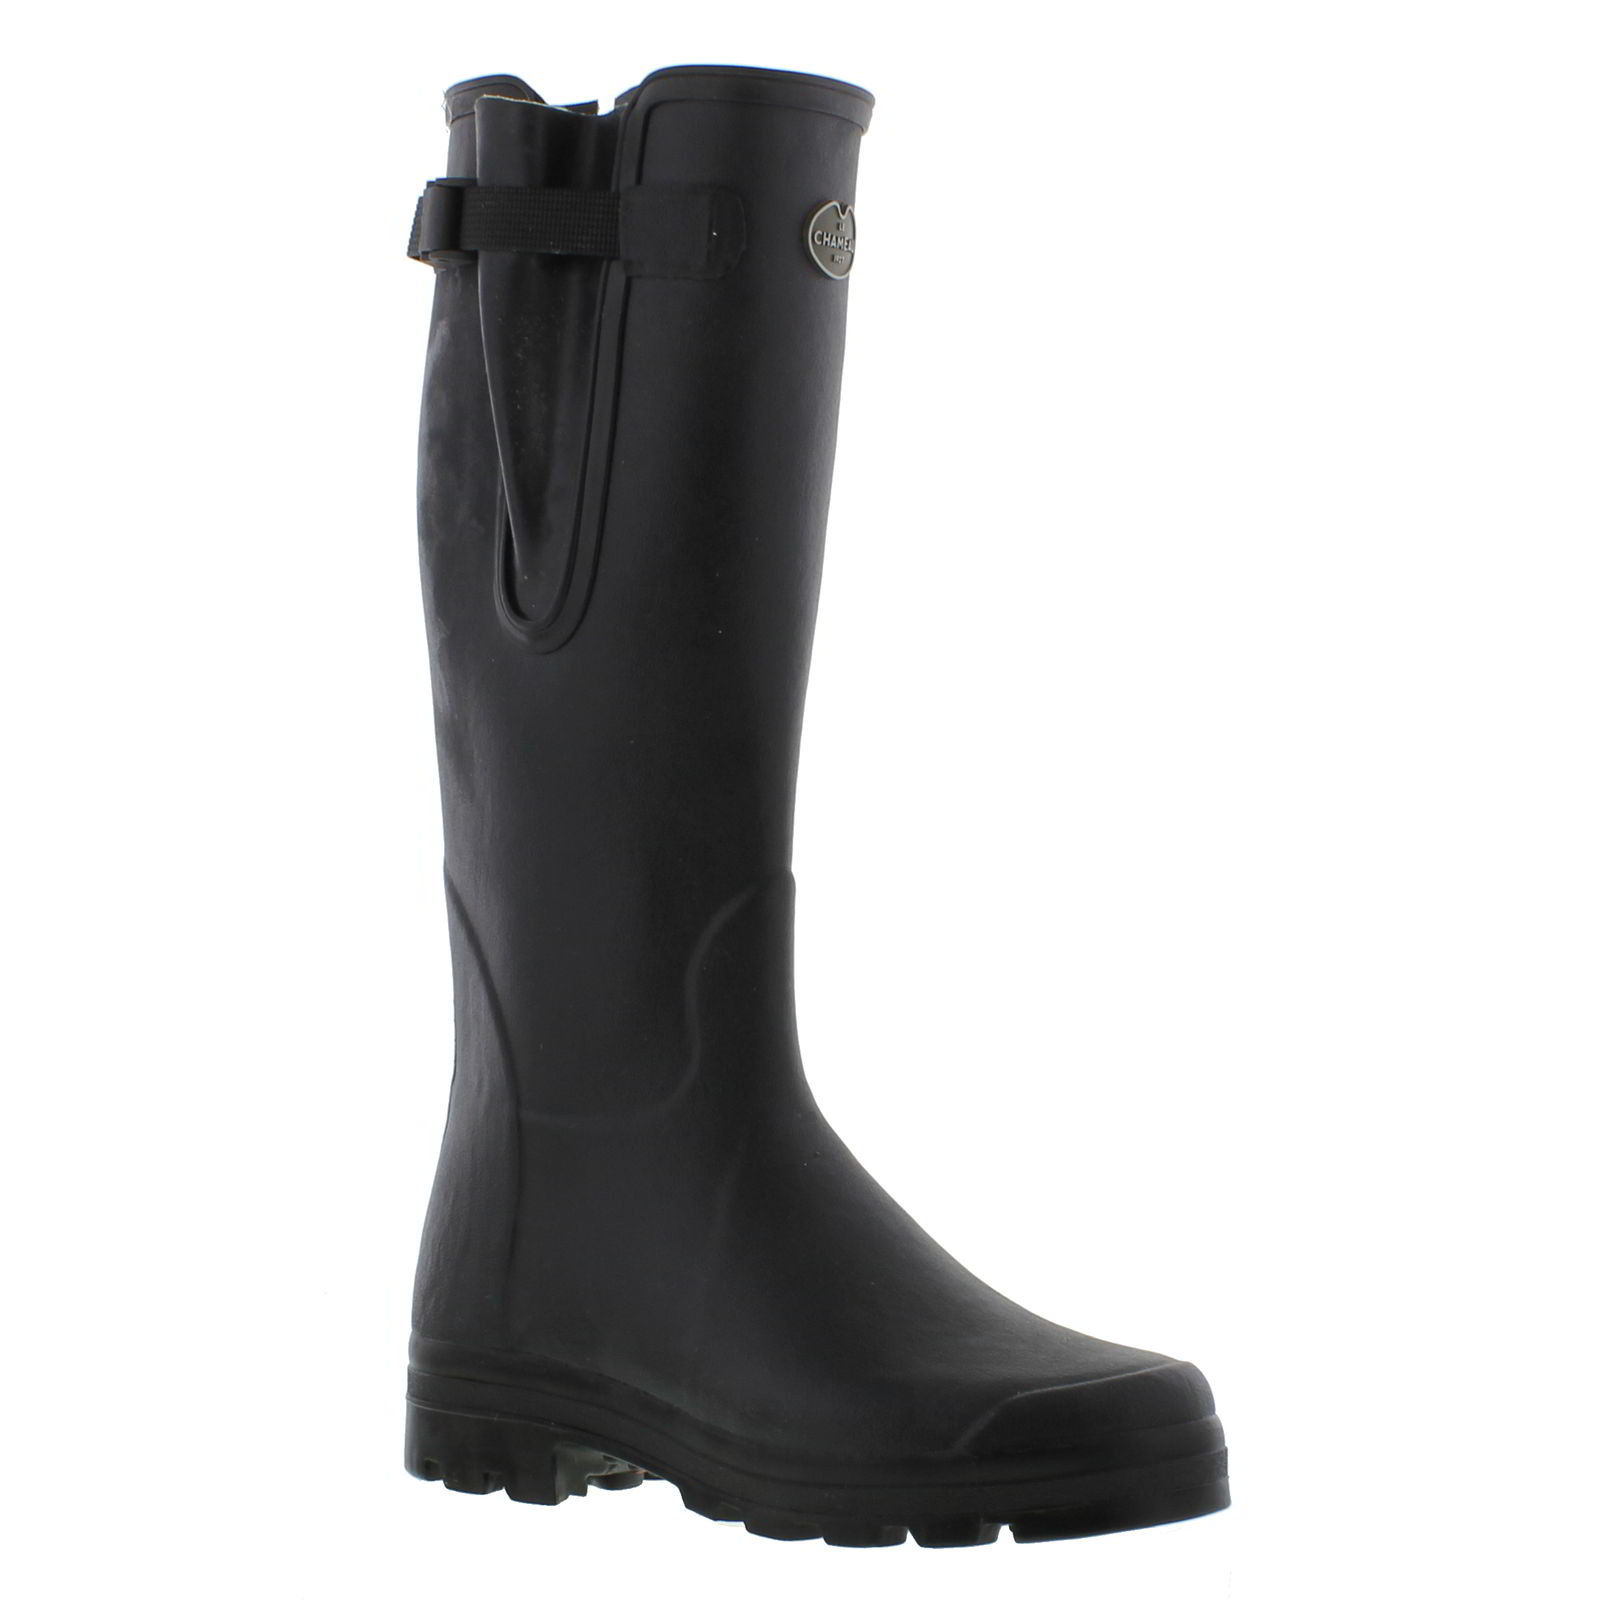 35f931750ef Details about Le Chameau Mens Vierzon Jersey Black Wellies Wellington Boots  Size 7-11